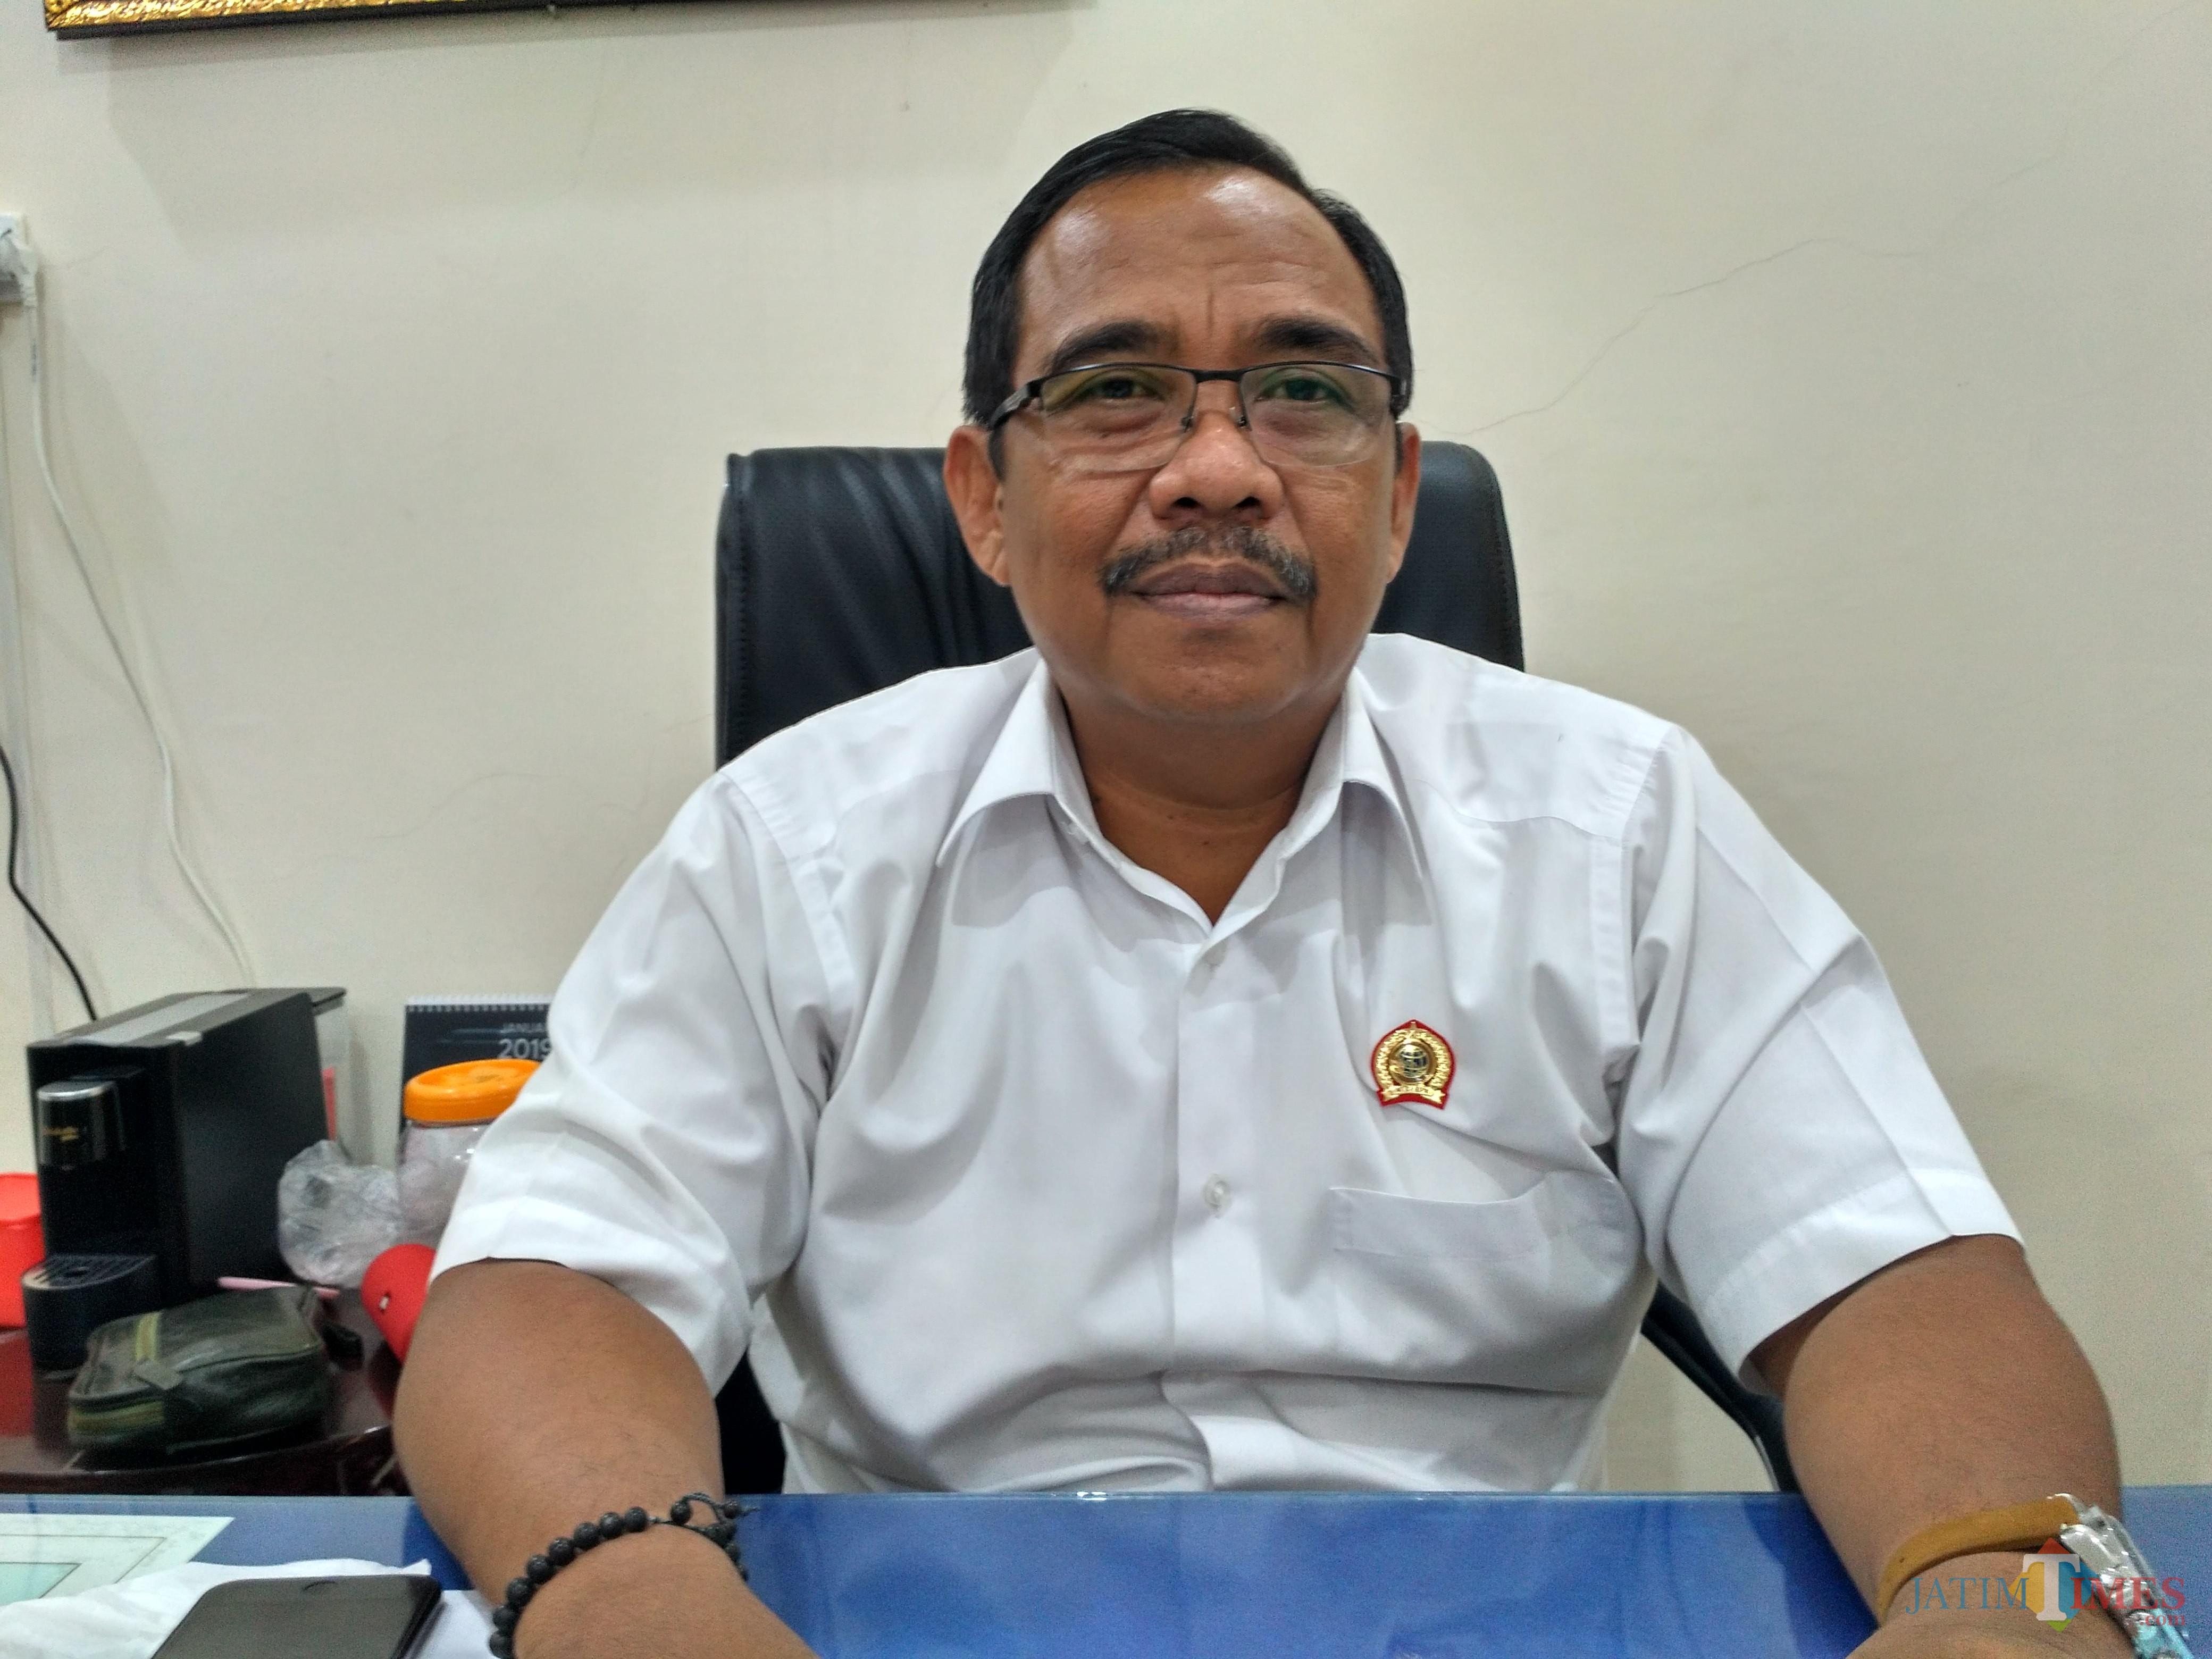 Kepala ATR / BPN Kabupaten Tulungagung Eko Jauhari / Foto : Anang Basso / Tulungagung TIMES